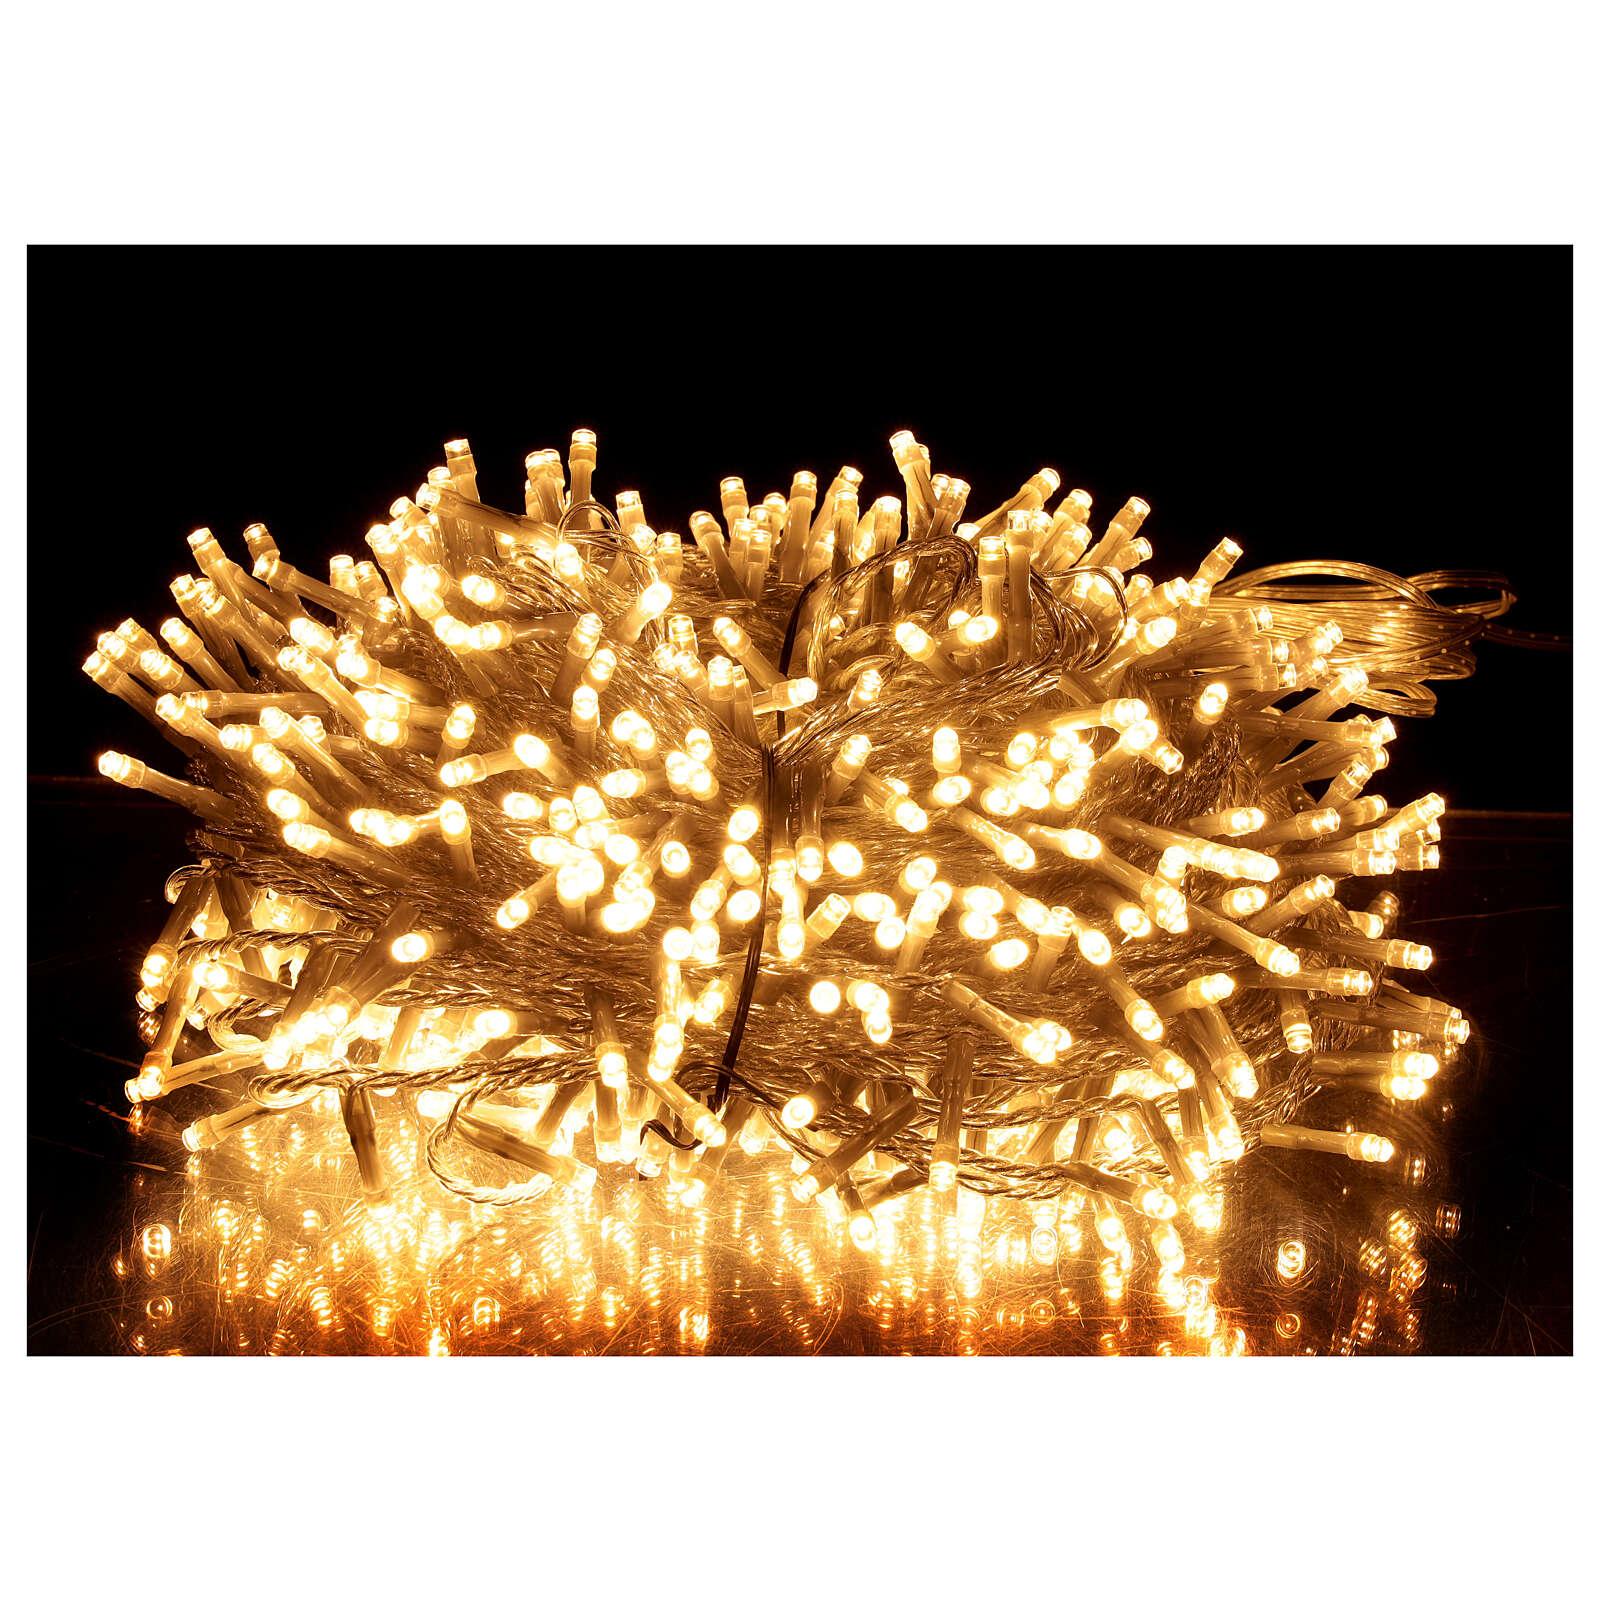 Guirlande lumineuse Noël 750 LED blanc chaud câble transparent intérieur extérieur 37,5 m 3